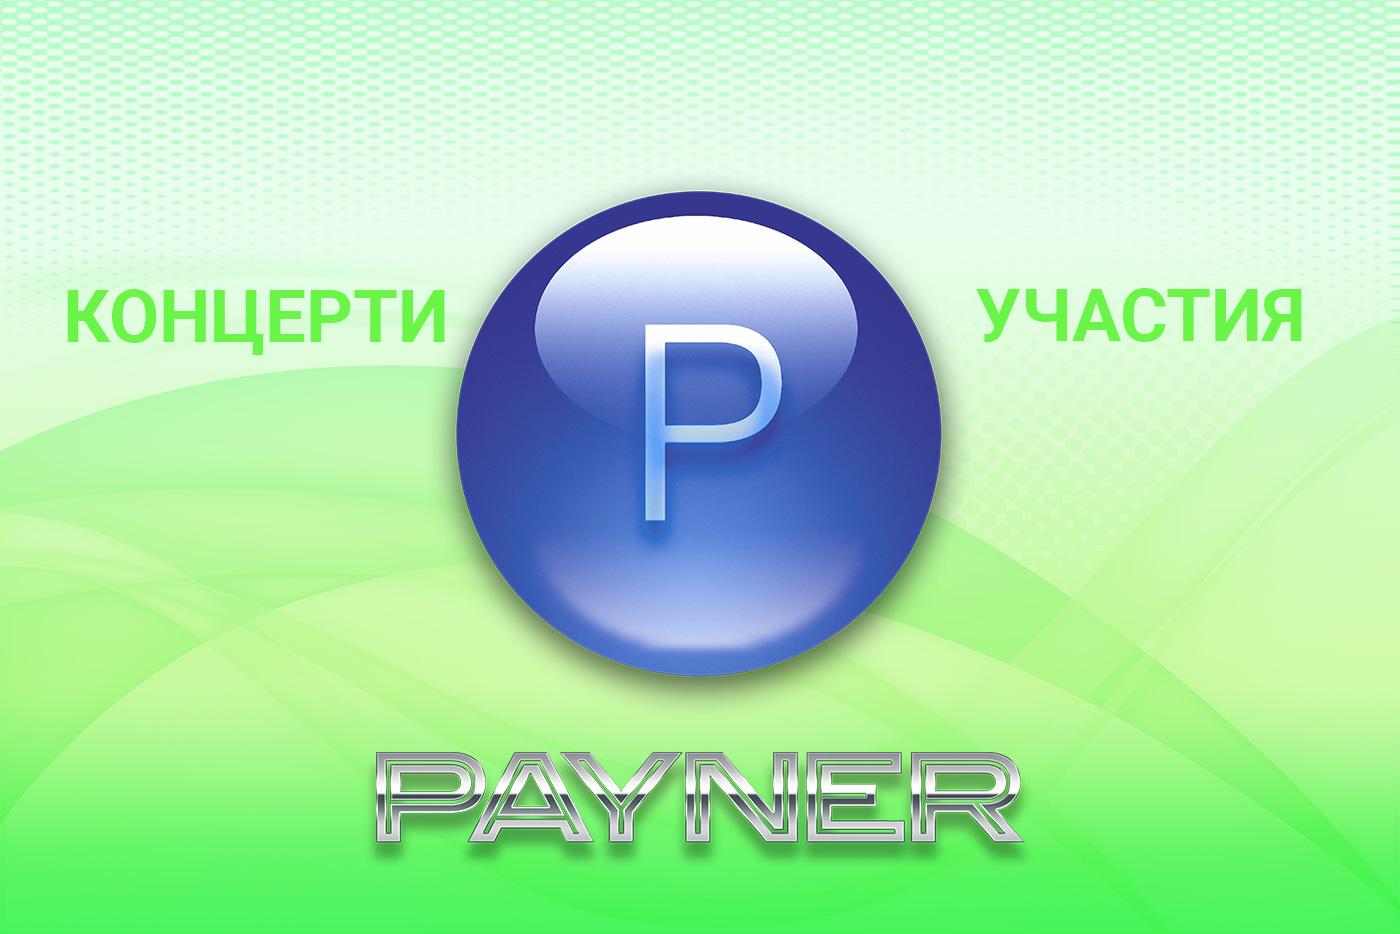 """Участия на звездите на """"Пайнер"""" на 12.12.2019"""